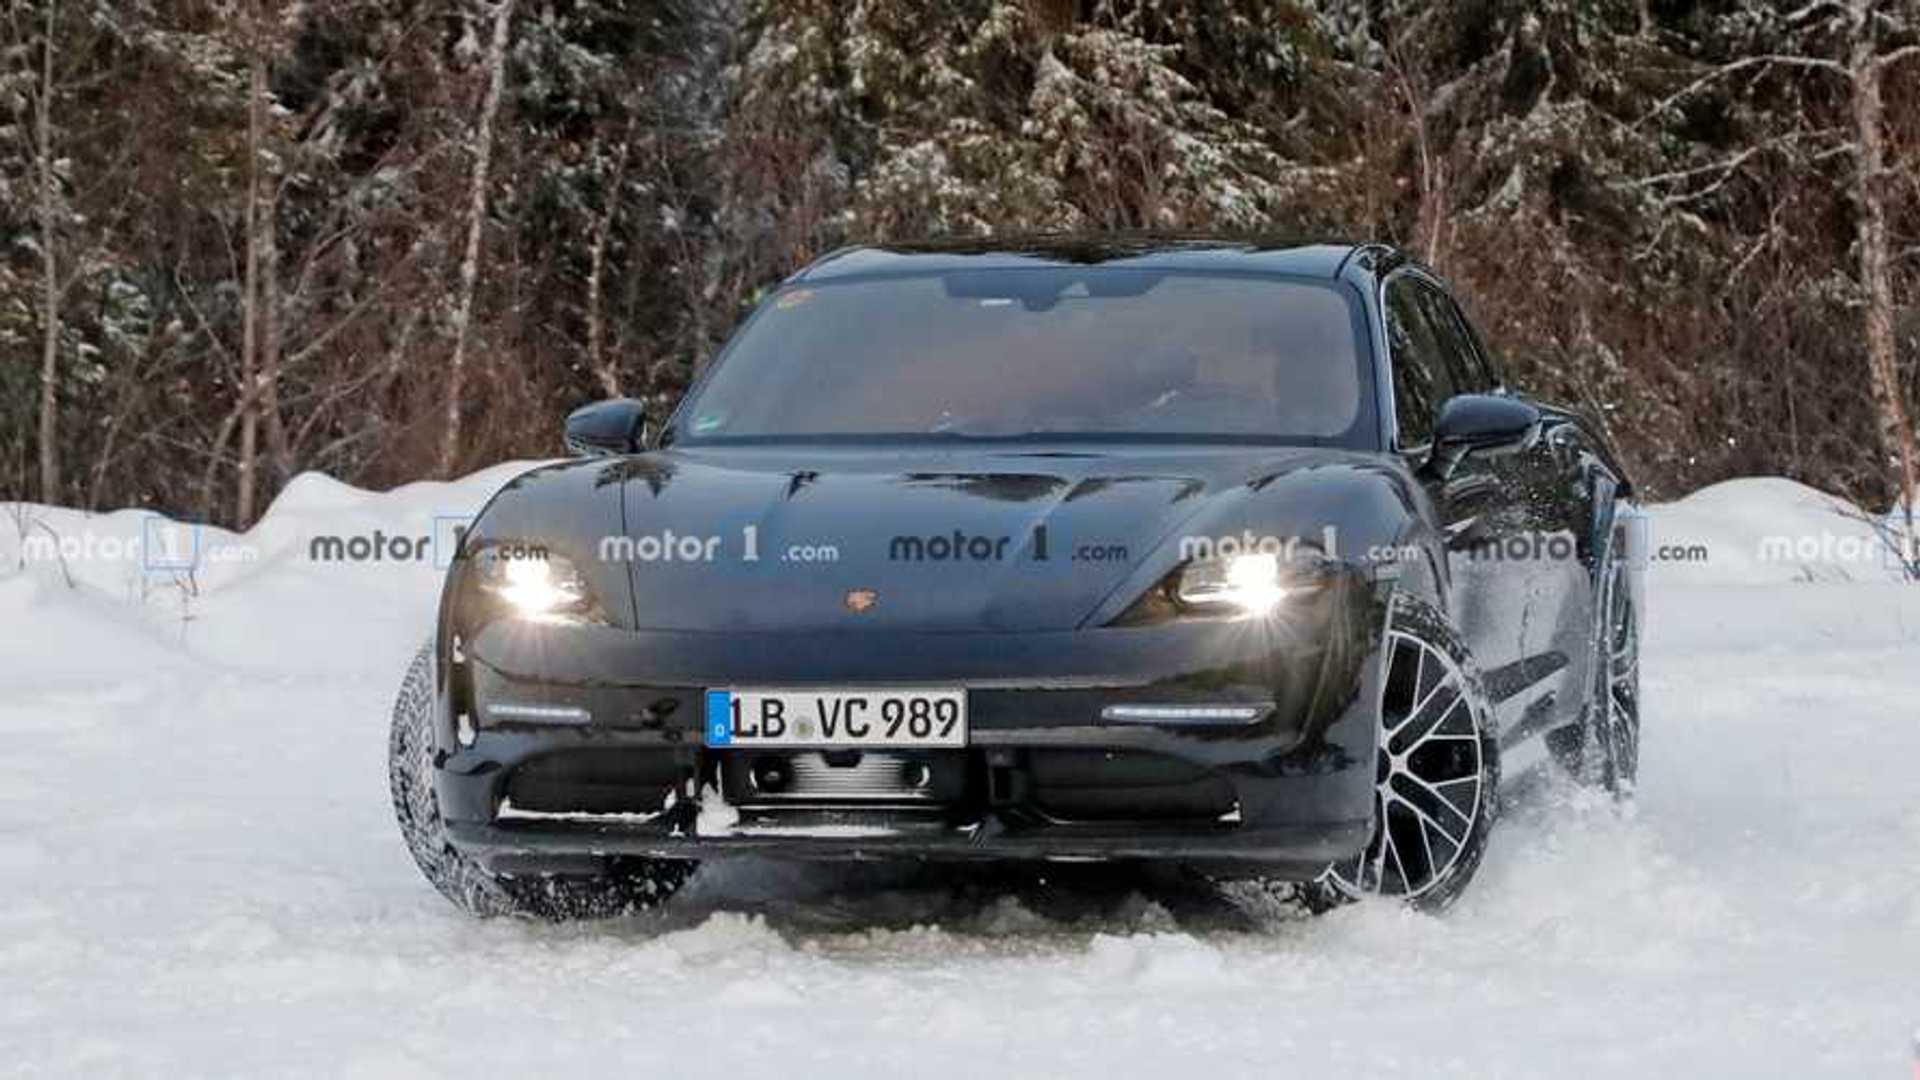 2020 - [Porsche] Taycan Sport Turismo - Page 2 Porsche-taycan-sport-turismo-new-spy-photo